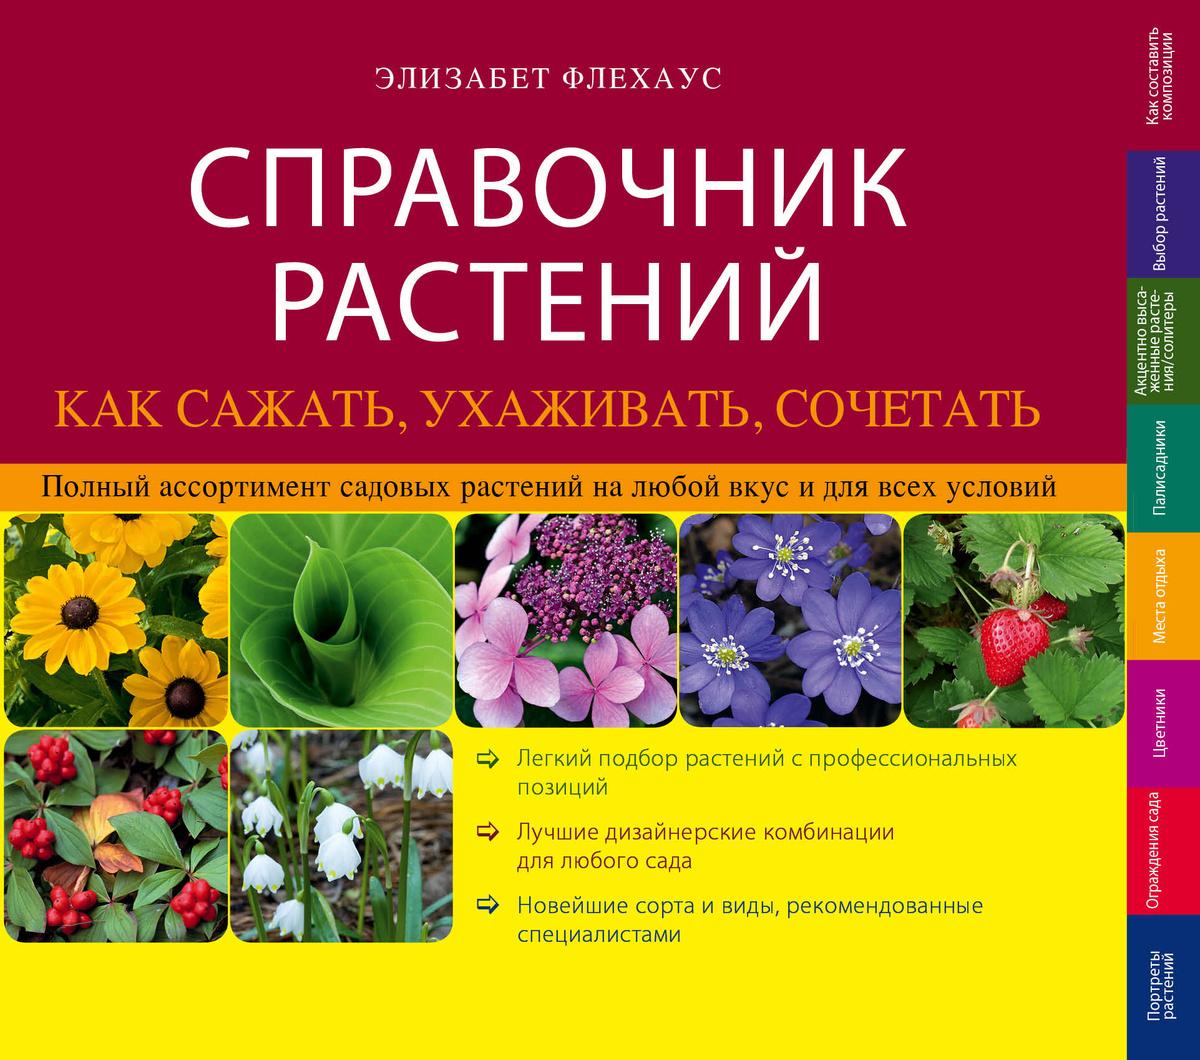 Справочник растений. Как сажать, ухаживать, сочетать | Флехаус Элизабет  #1